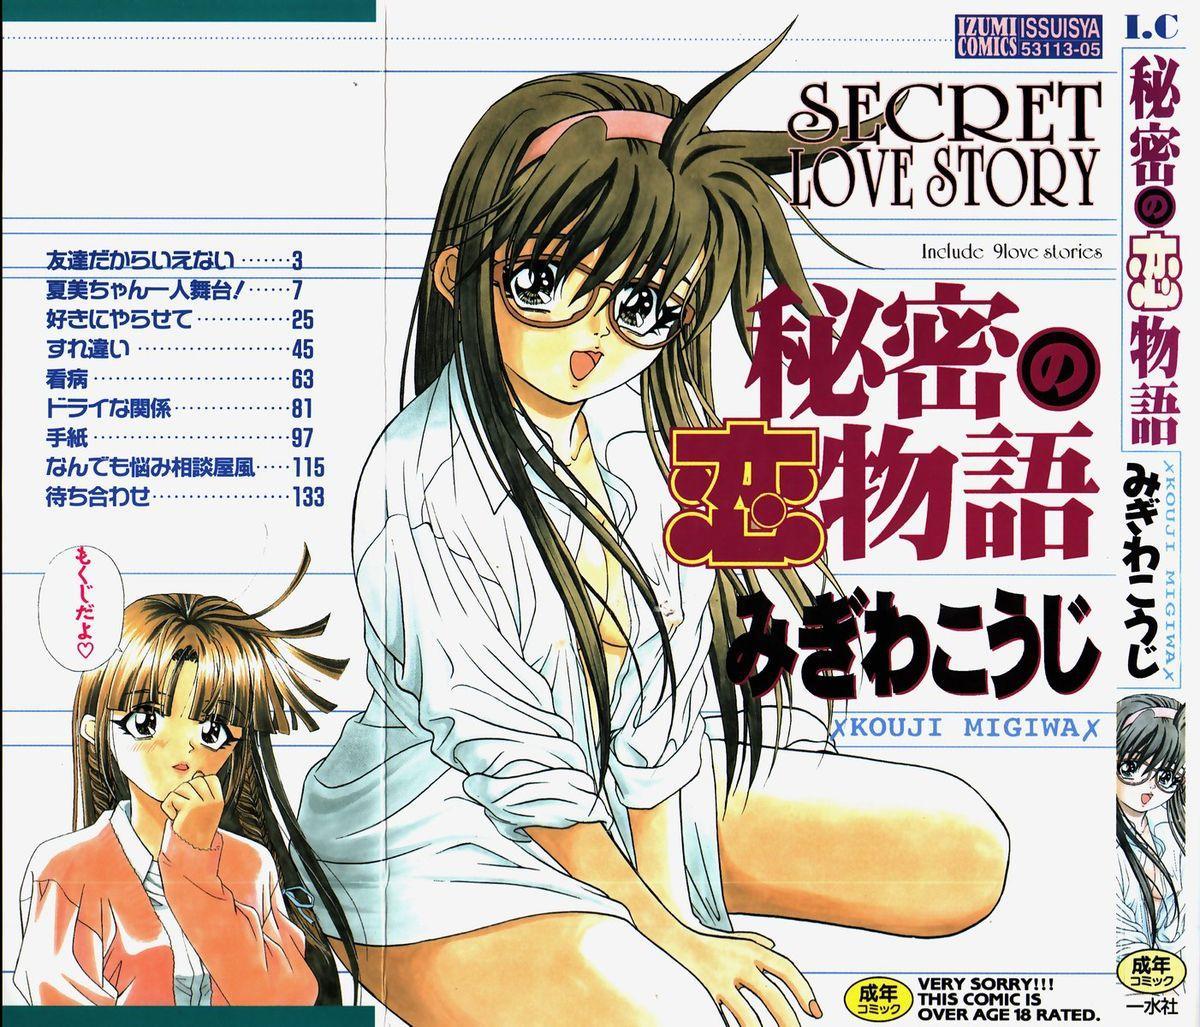 Himitsu no Koi Monogatari - Secret Love Story 0